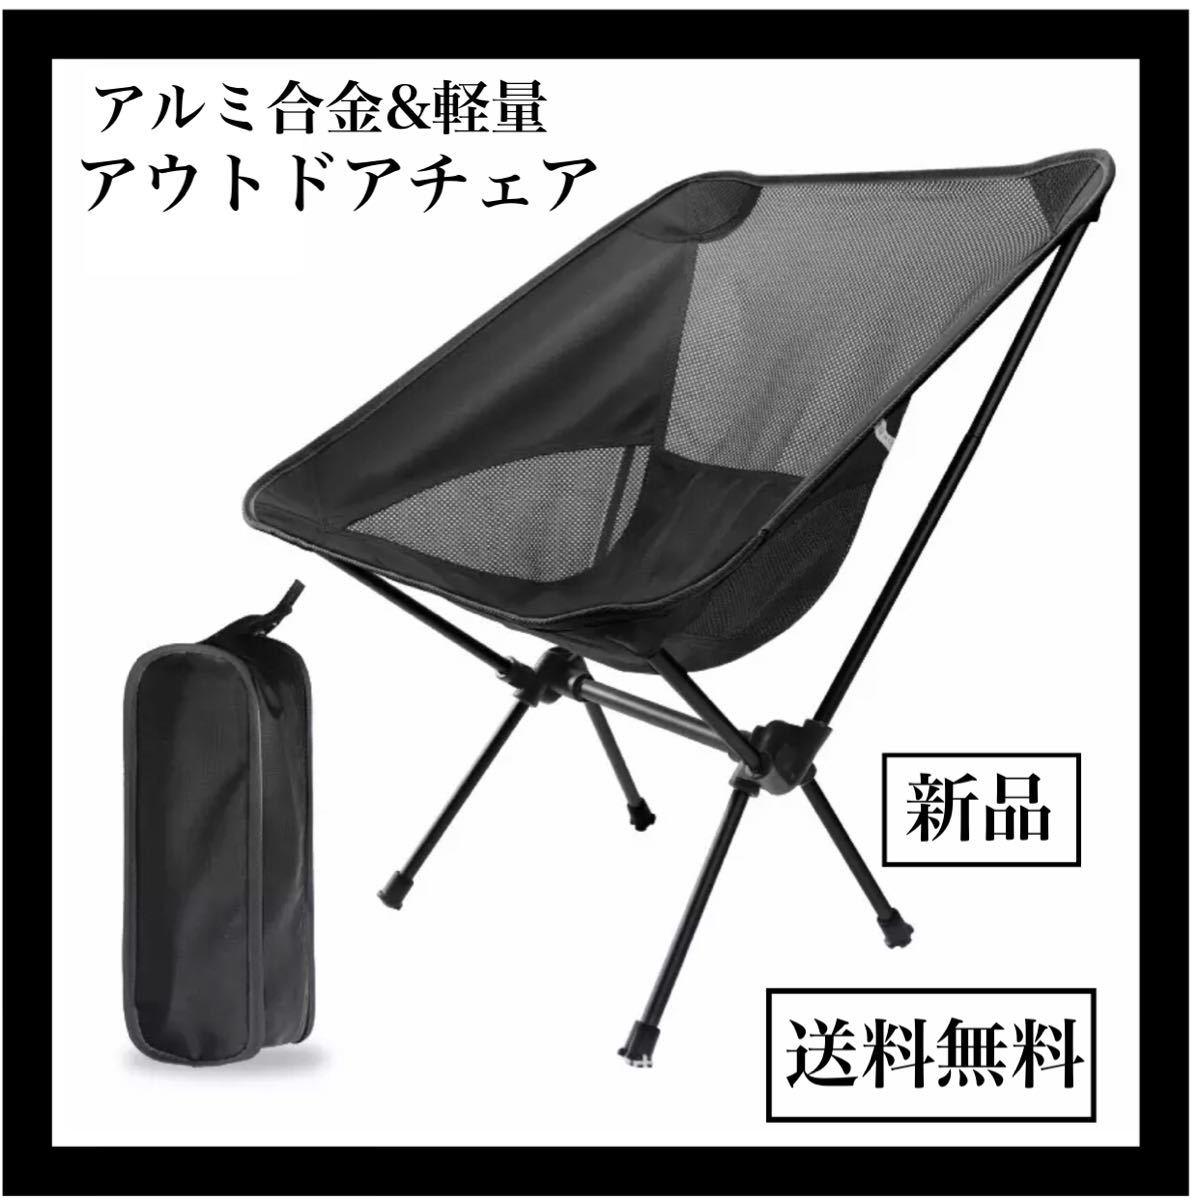 アウトドアチェア キャンプ アルミ合金&軽量耐荷重150kg 専用ケース付 折りたたみ椅子 キャンプ椅子 軽量 収納バッグ